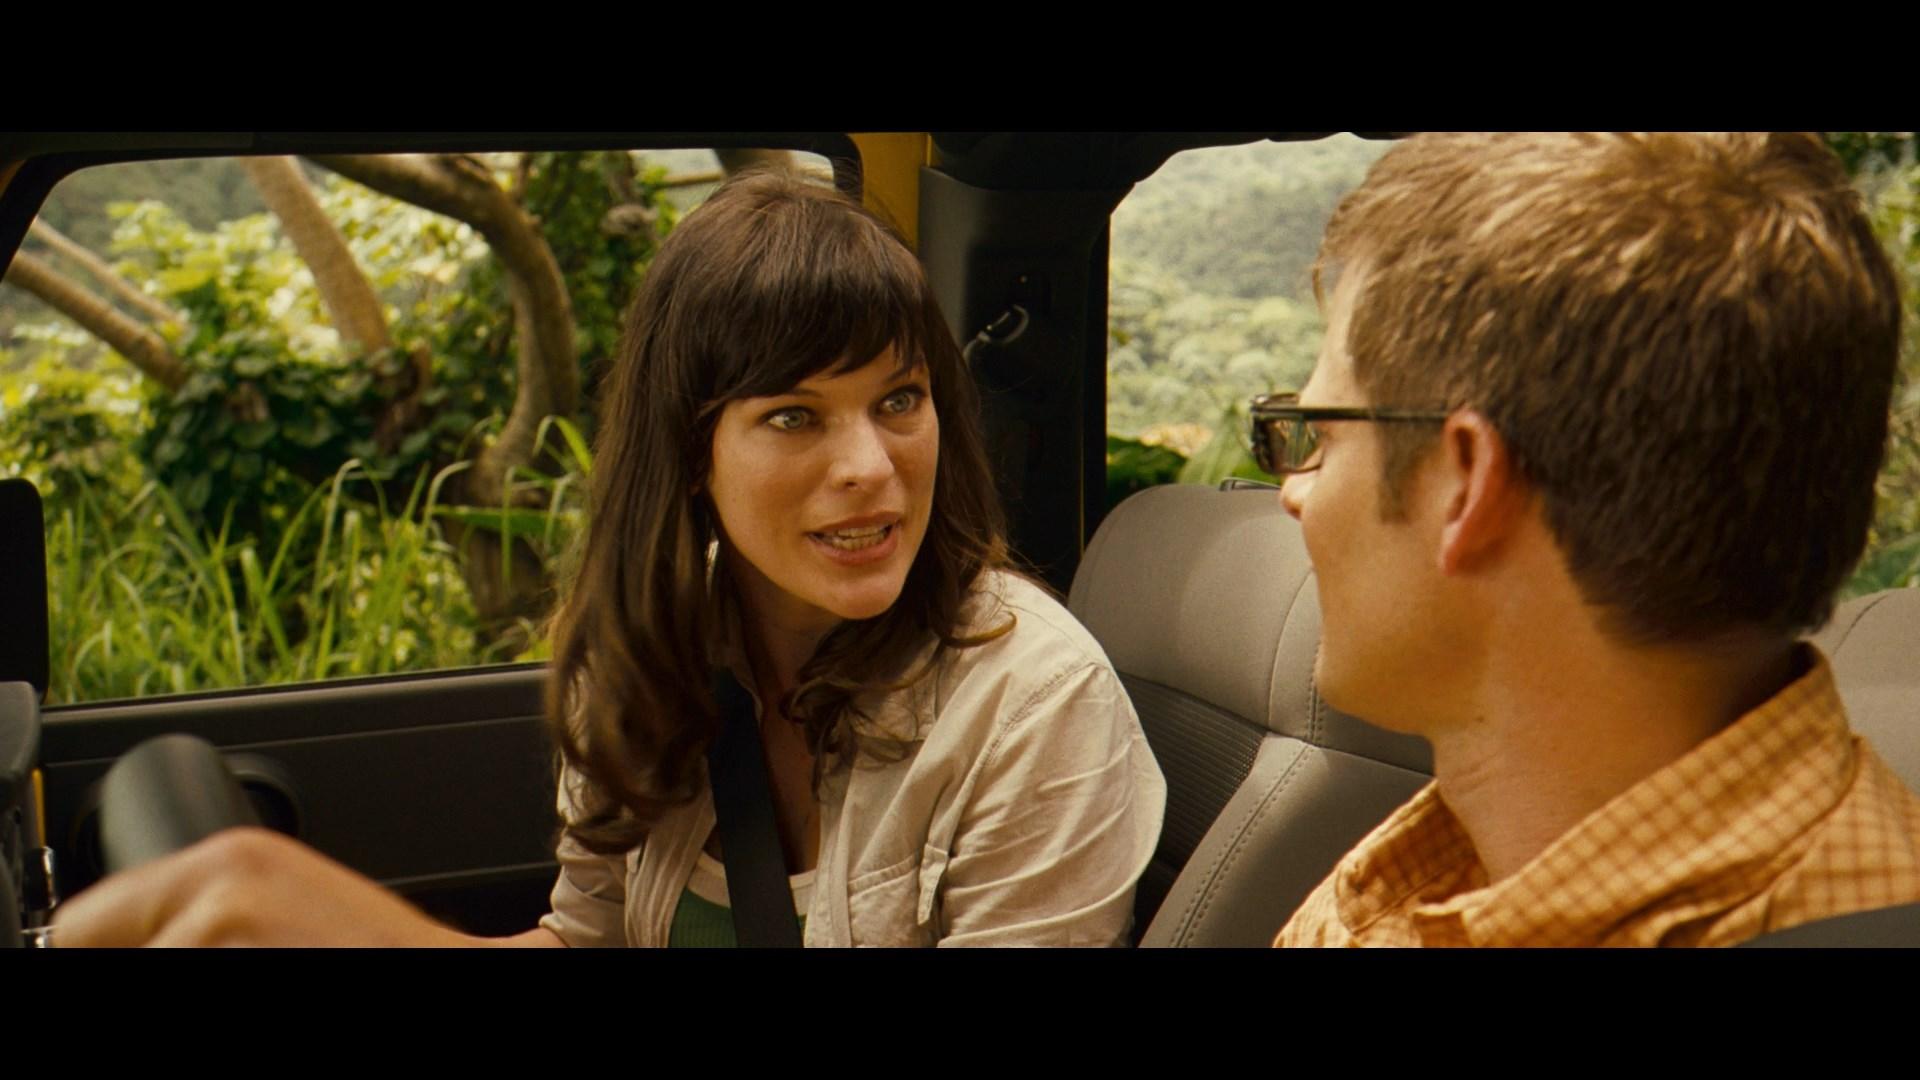 El escape perfecto (2009) 1080p BDrip Latino